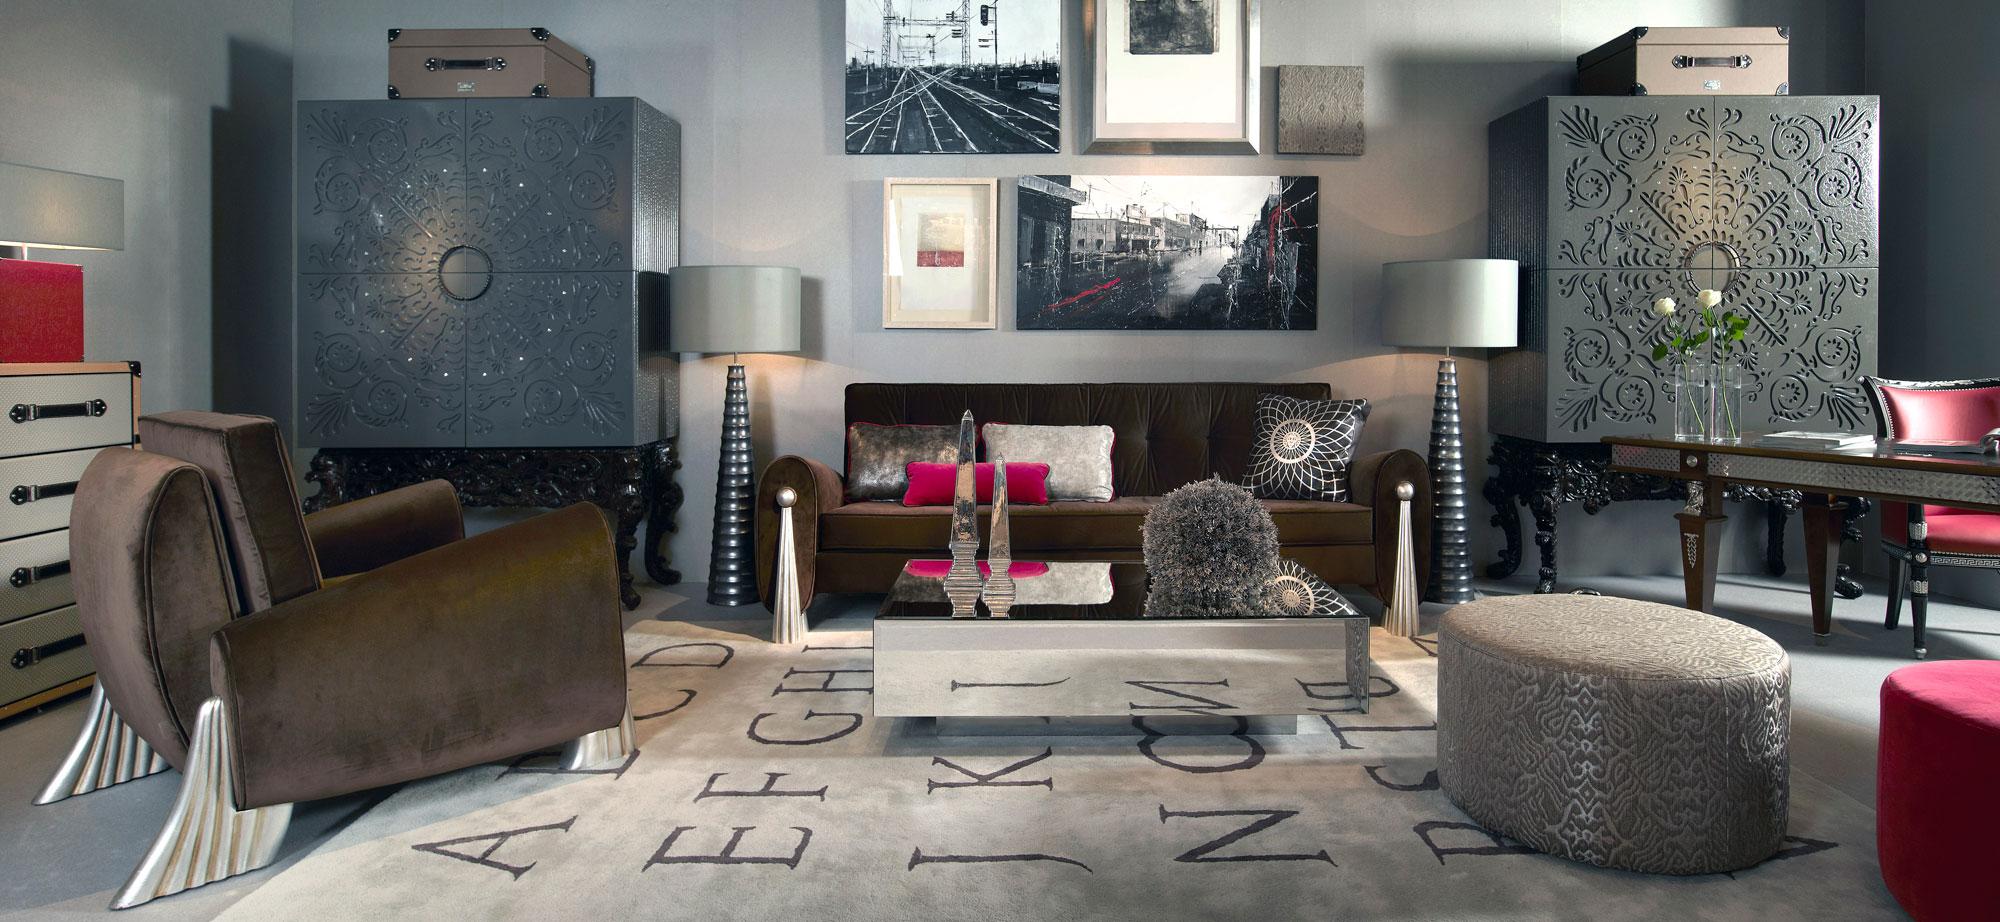 Muebles y decoracion de lujo en portobellostreet m xico for Muebles y decoracion